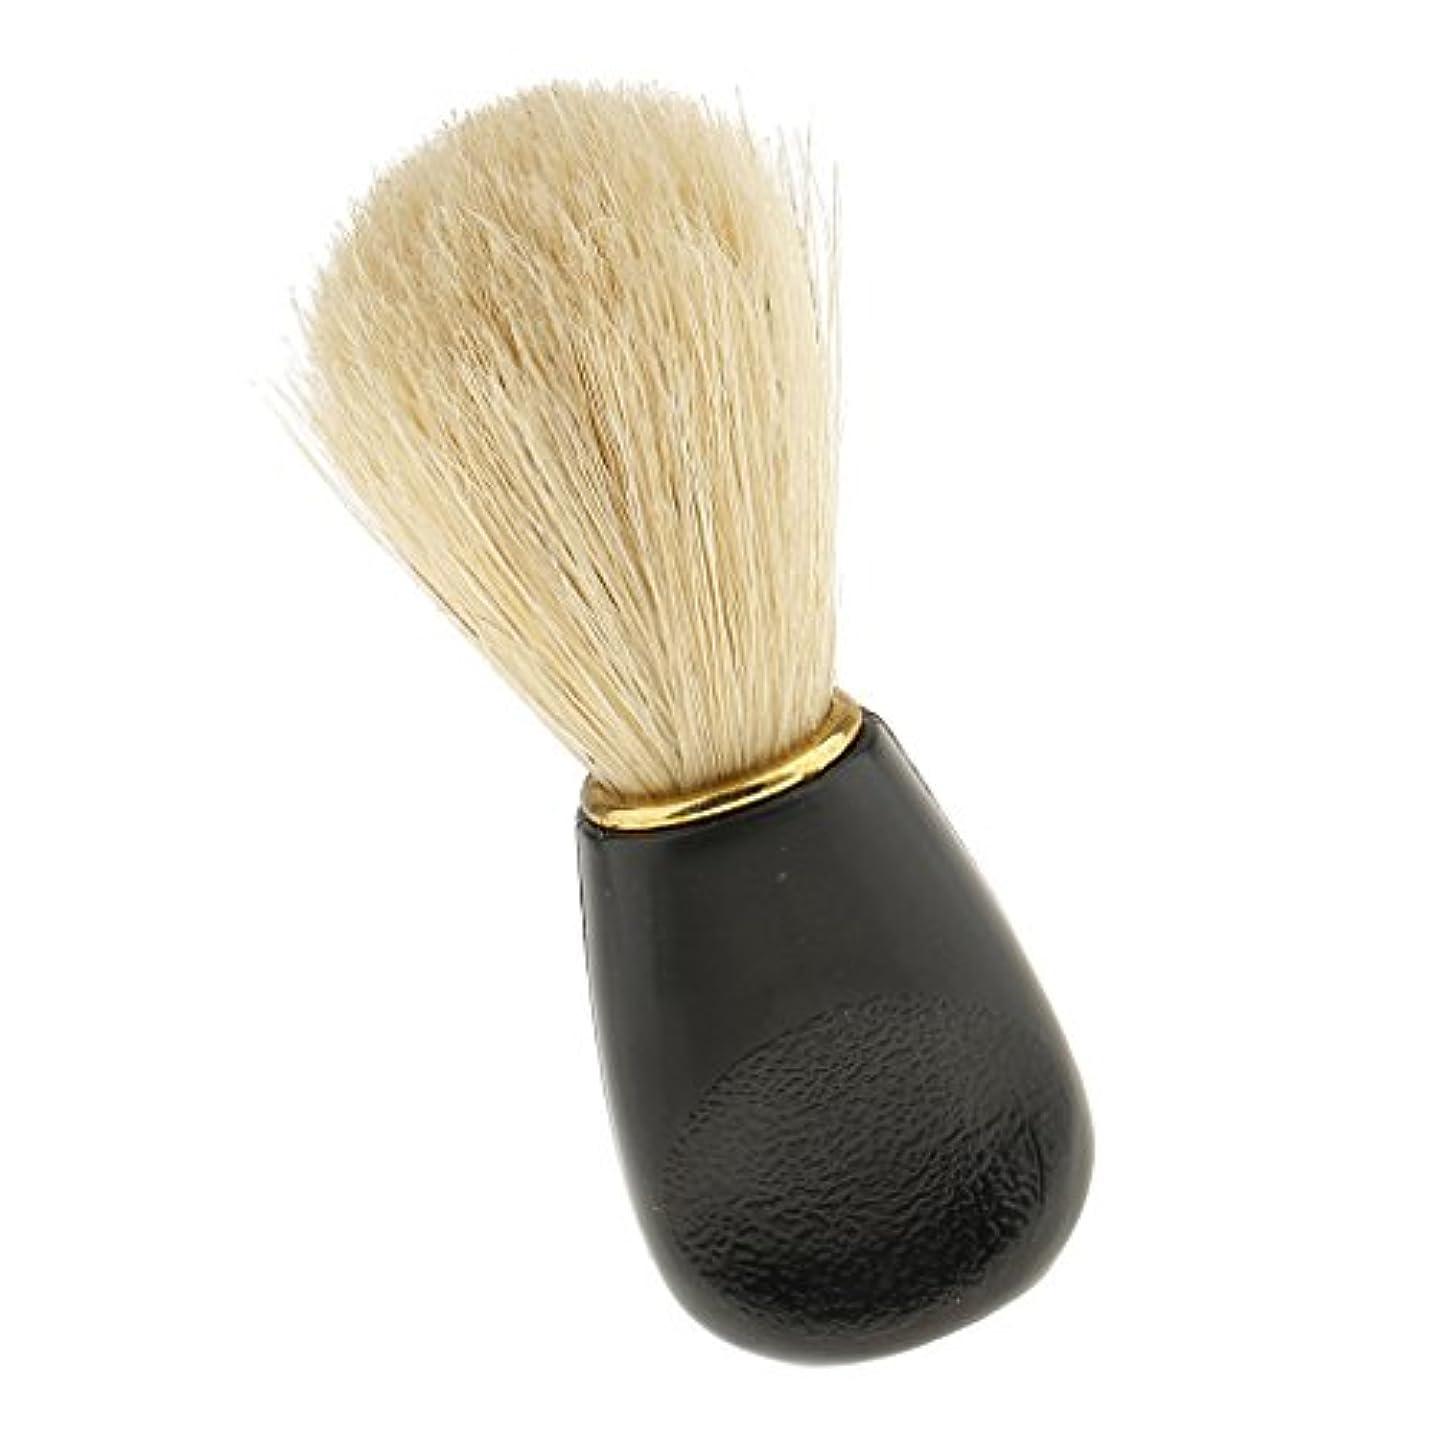 嫌い王女フィドルKesoto プラスチック ハンドル メンズ シェービングブラシ 髭剃り 泡立ち ソフト ブラシ 全2種類 - ブラック